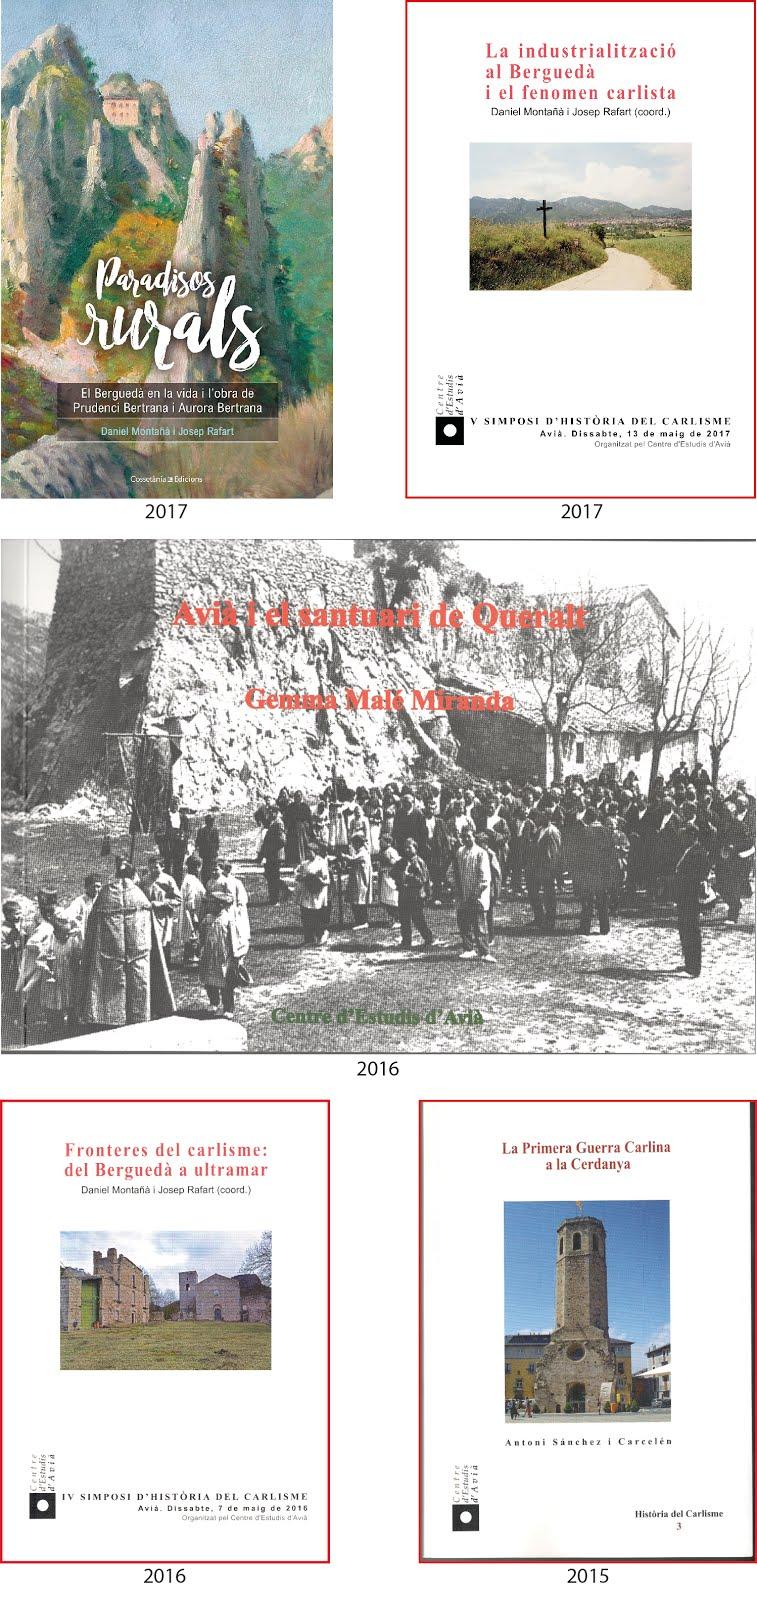 Llibres editats pel Centre d'Estudis d'Avià